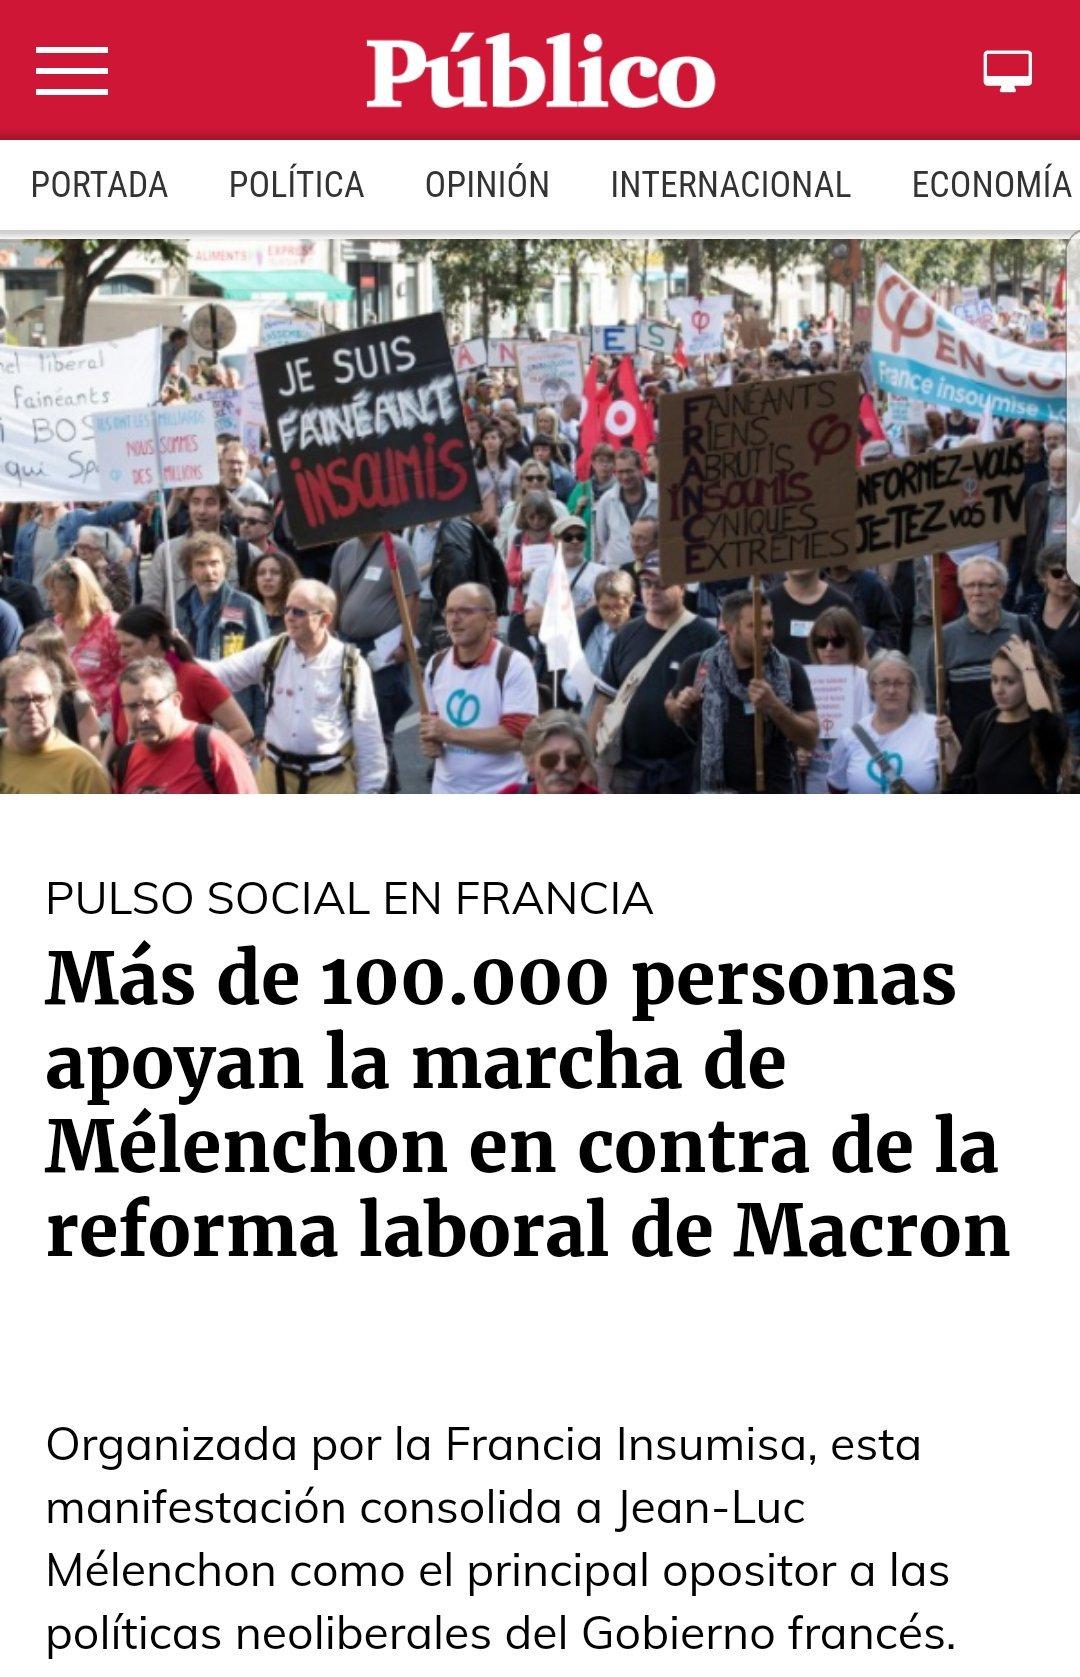 Los franceses nos siguen llevando 2 siglos de ventaja. Qué envidia. Estamos dormidos #Melenchon https://t.co/reM7owtMsu